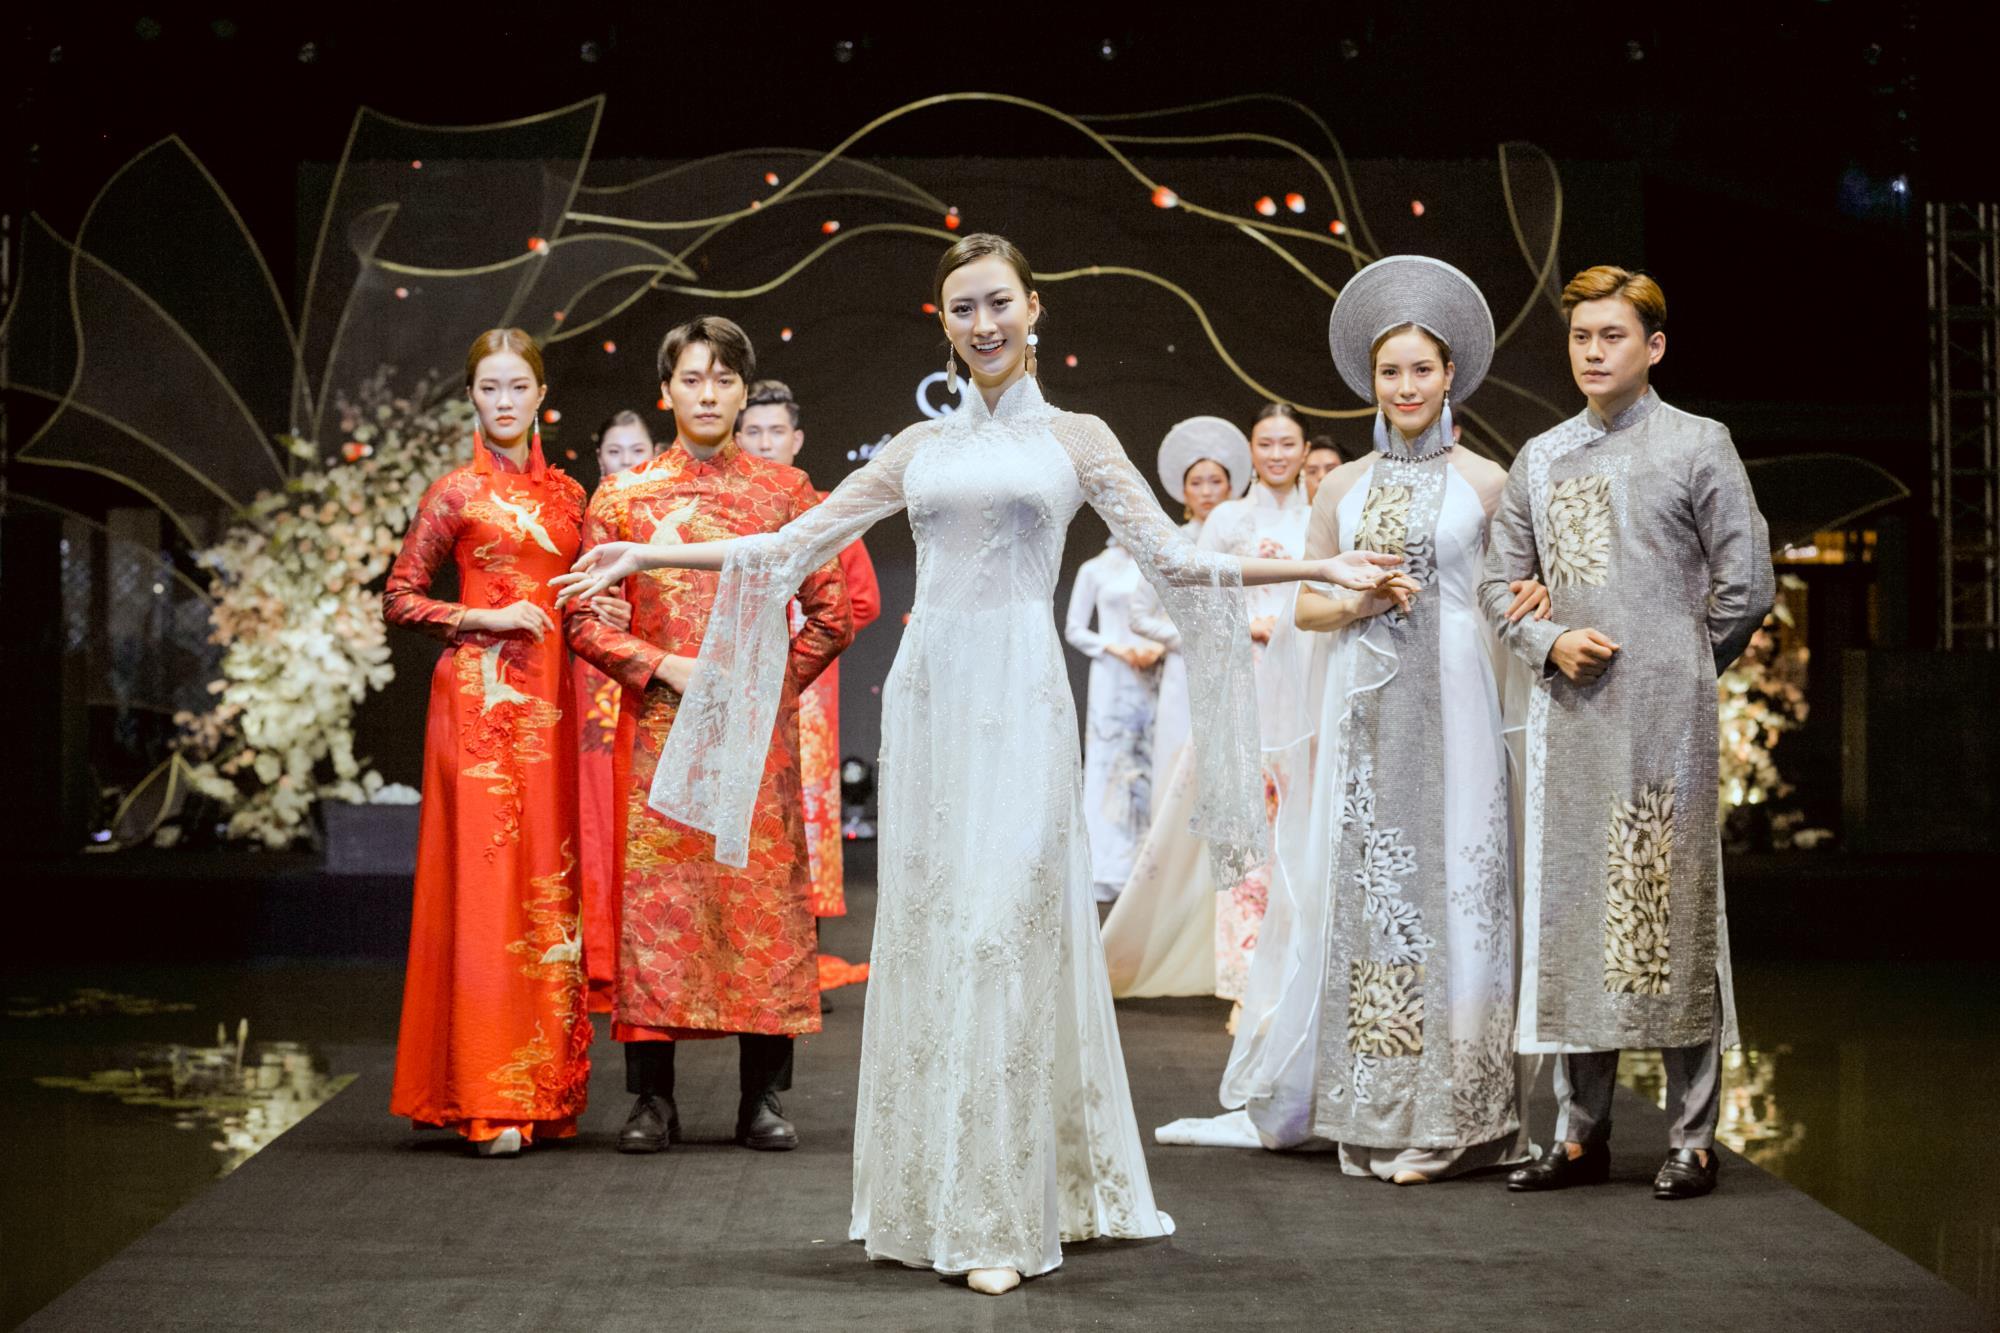 Triển lãm cưới Almaz Mini Wedding Fair - Rực rỡ màu sắc cá nhân trong ngày trọng đại - Ảnh 8